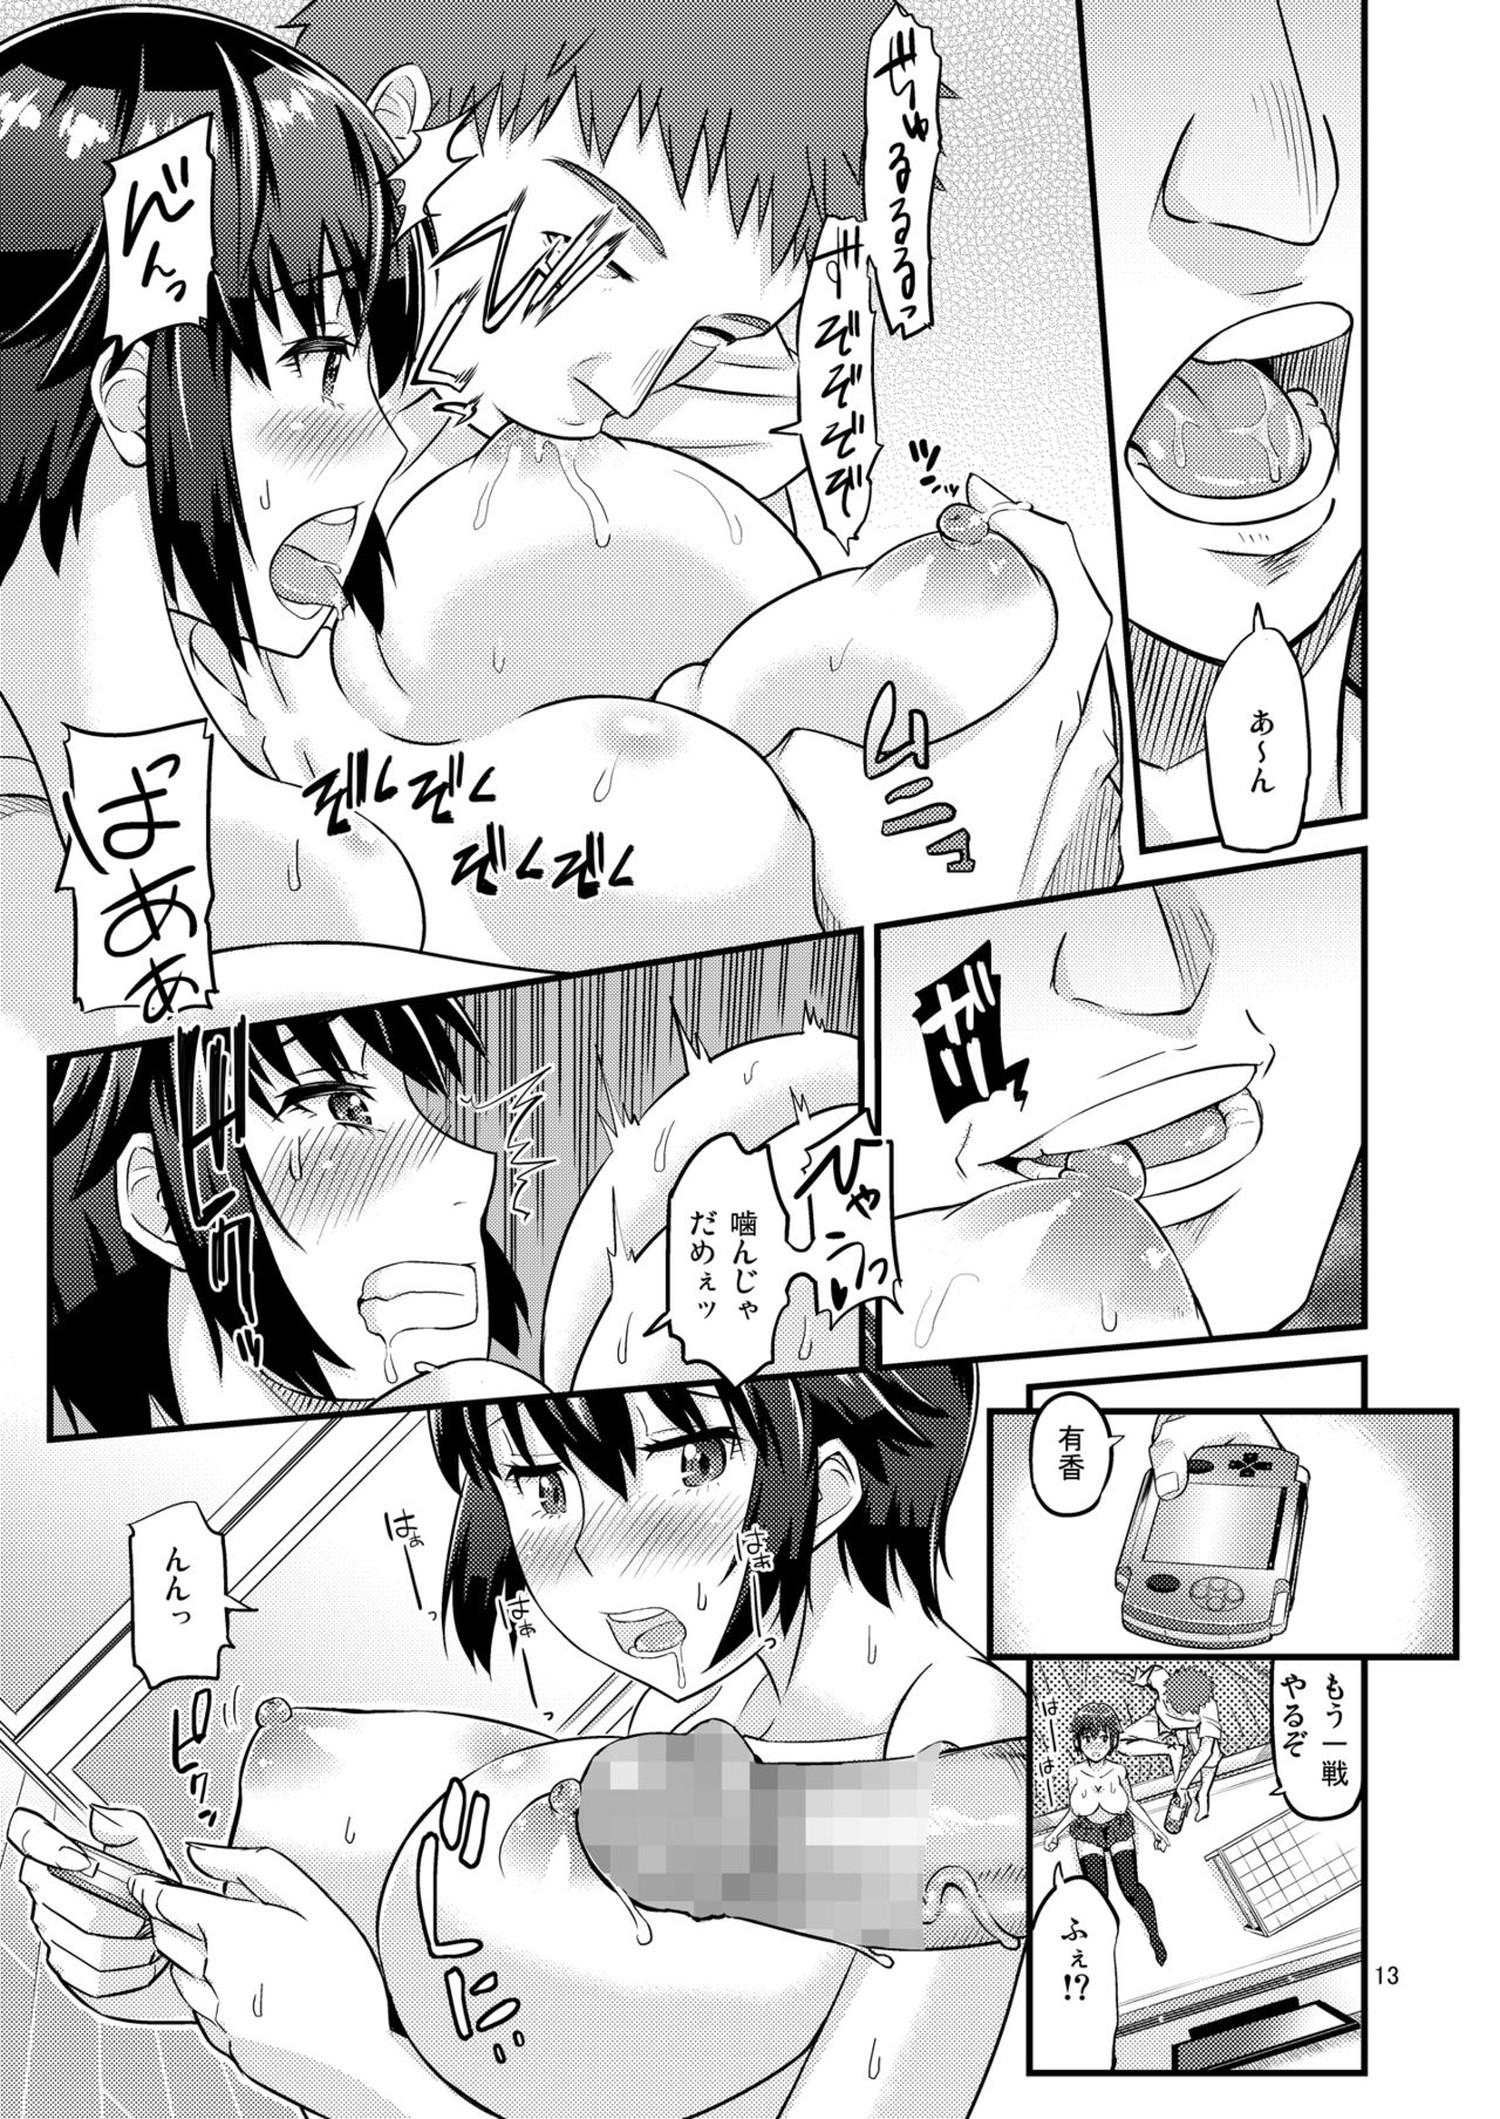 【エロ漫画・エロ同人】幼なじみのJKが罰ゲームを口実にちんこしゃぶってくれるんで罰として中出しまでしまくってやろうwwww (12)